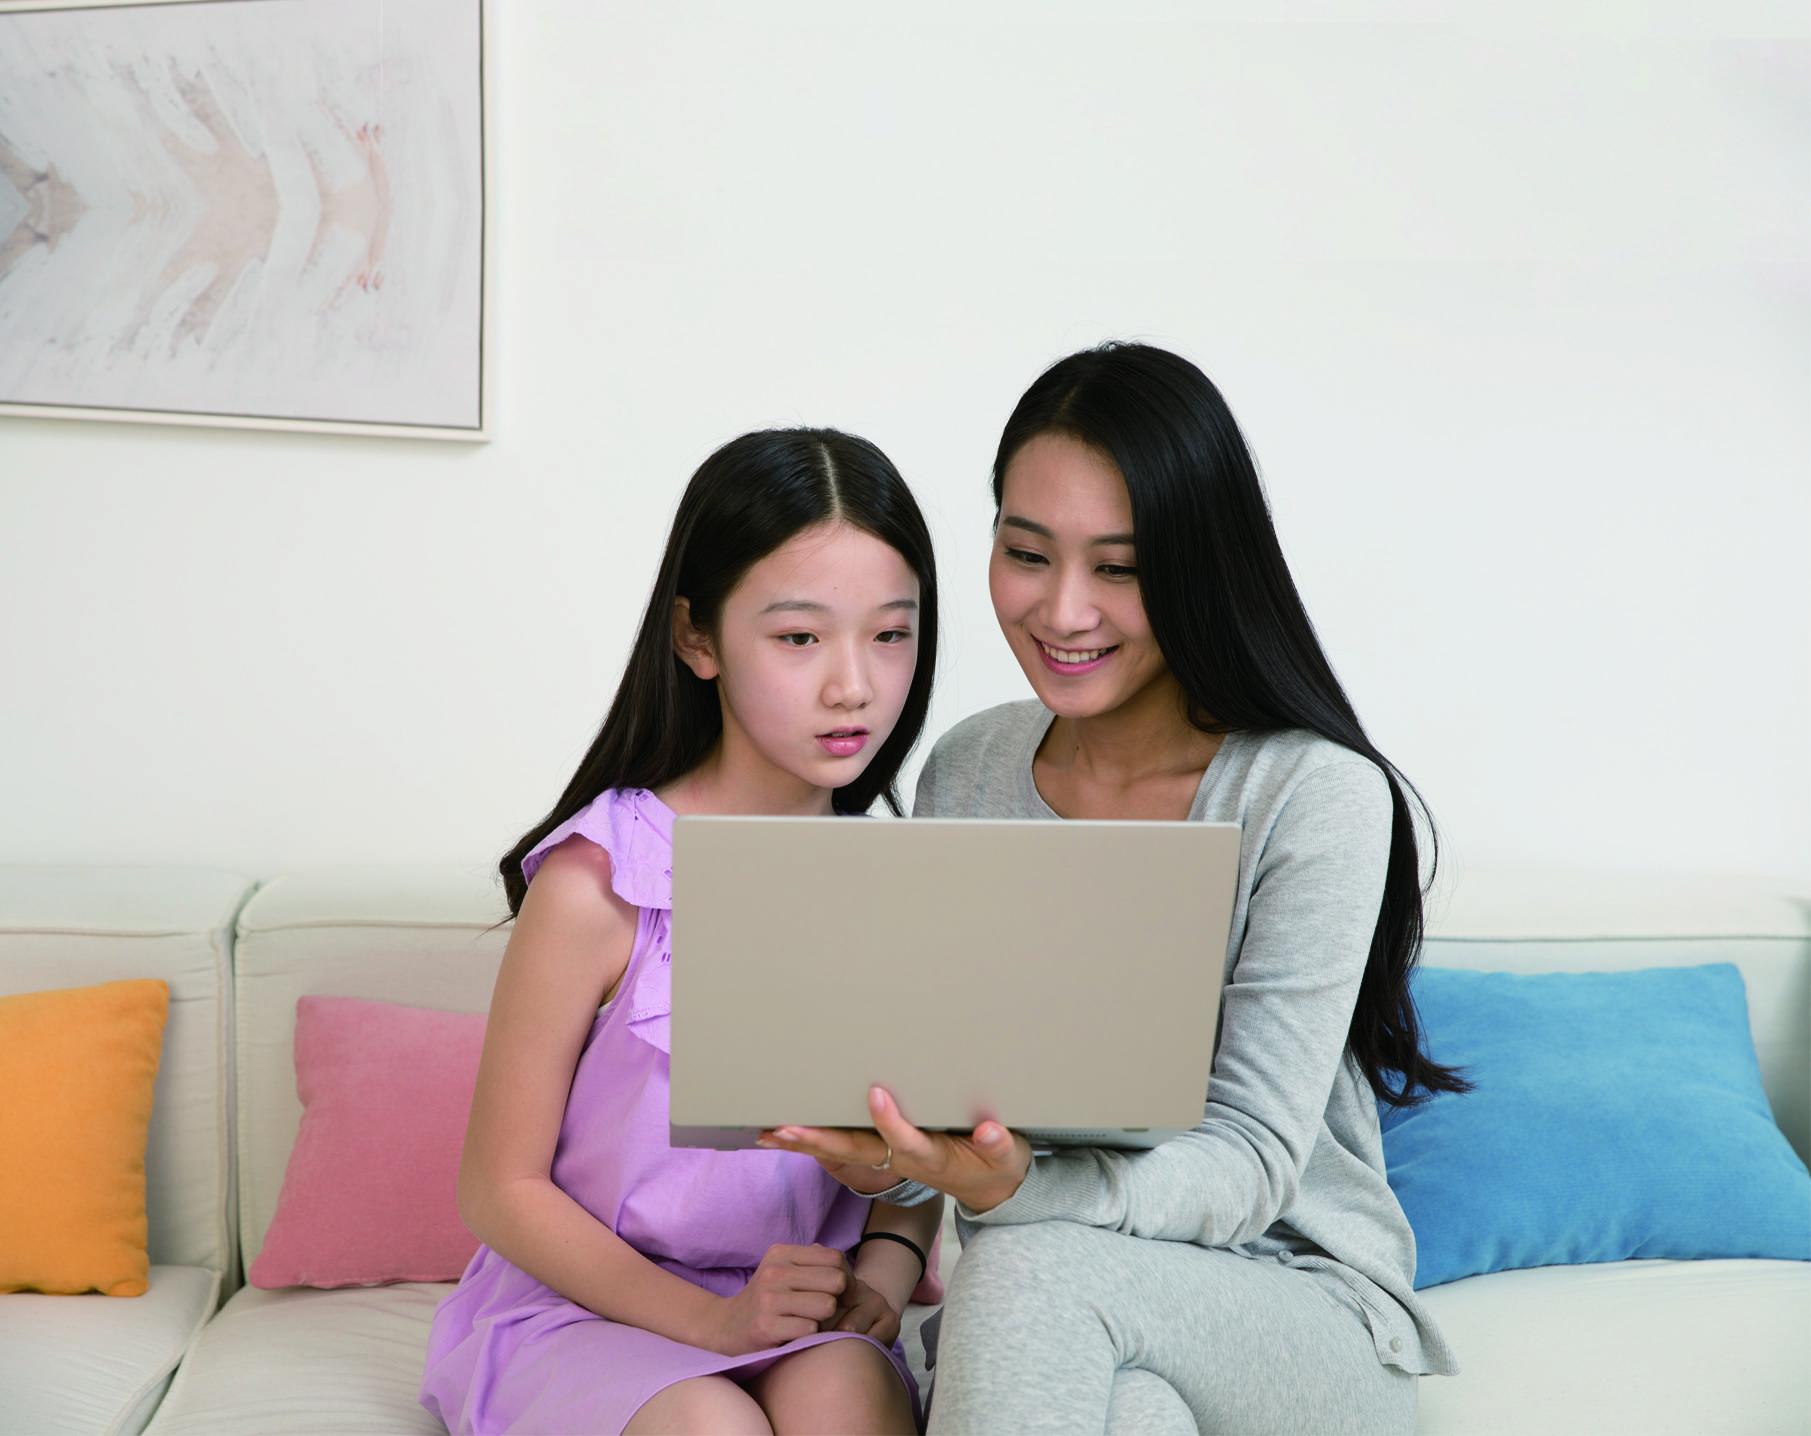 盛通教育:少兒編程信息學和人工智能的區別